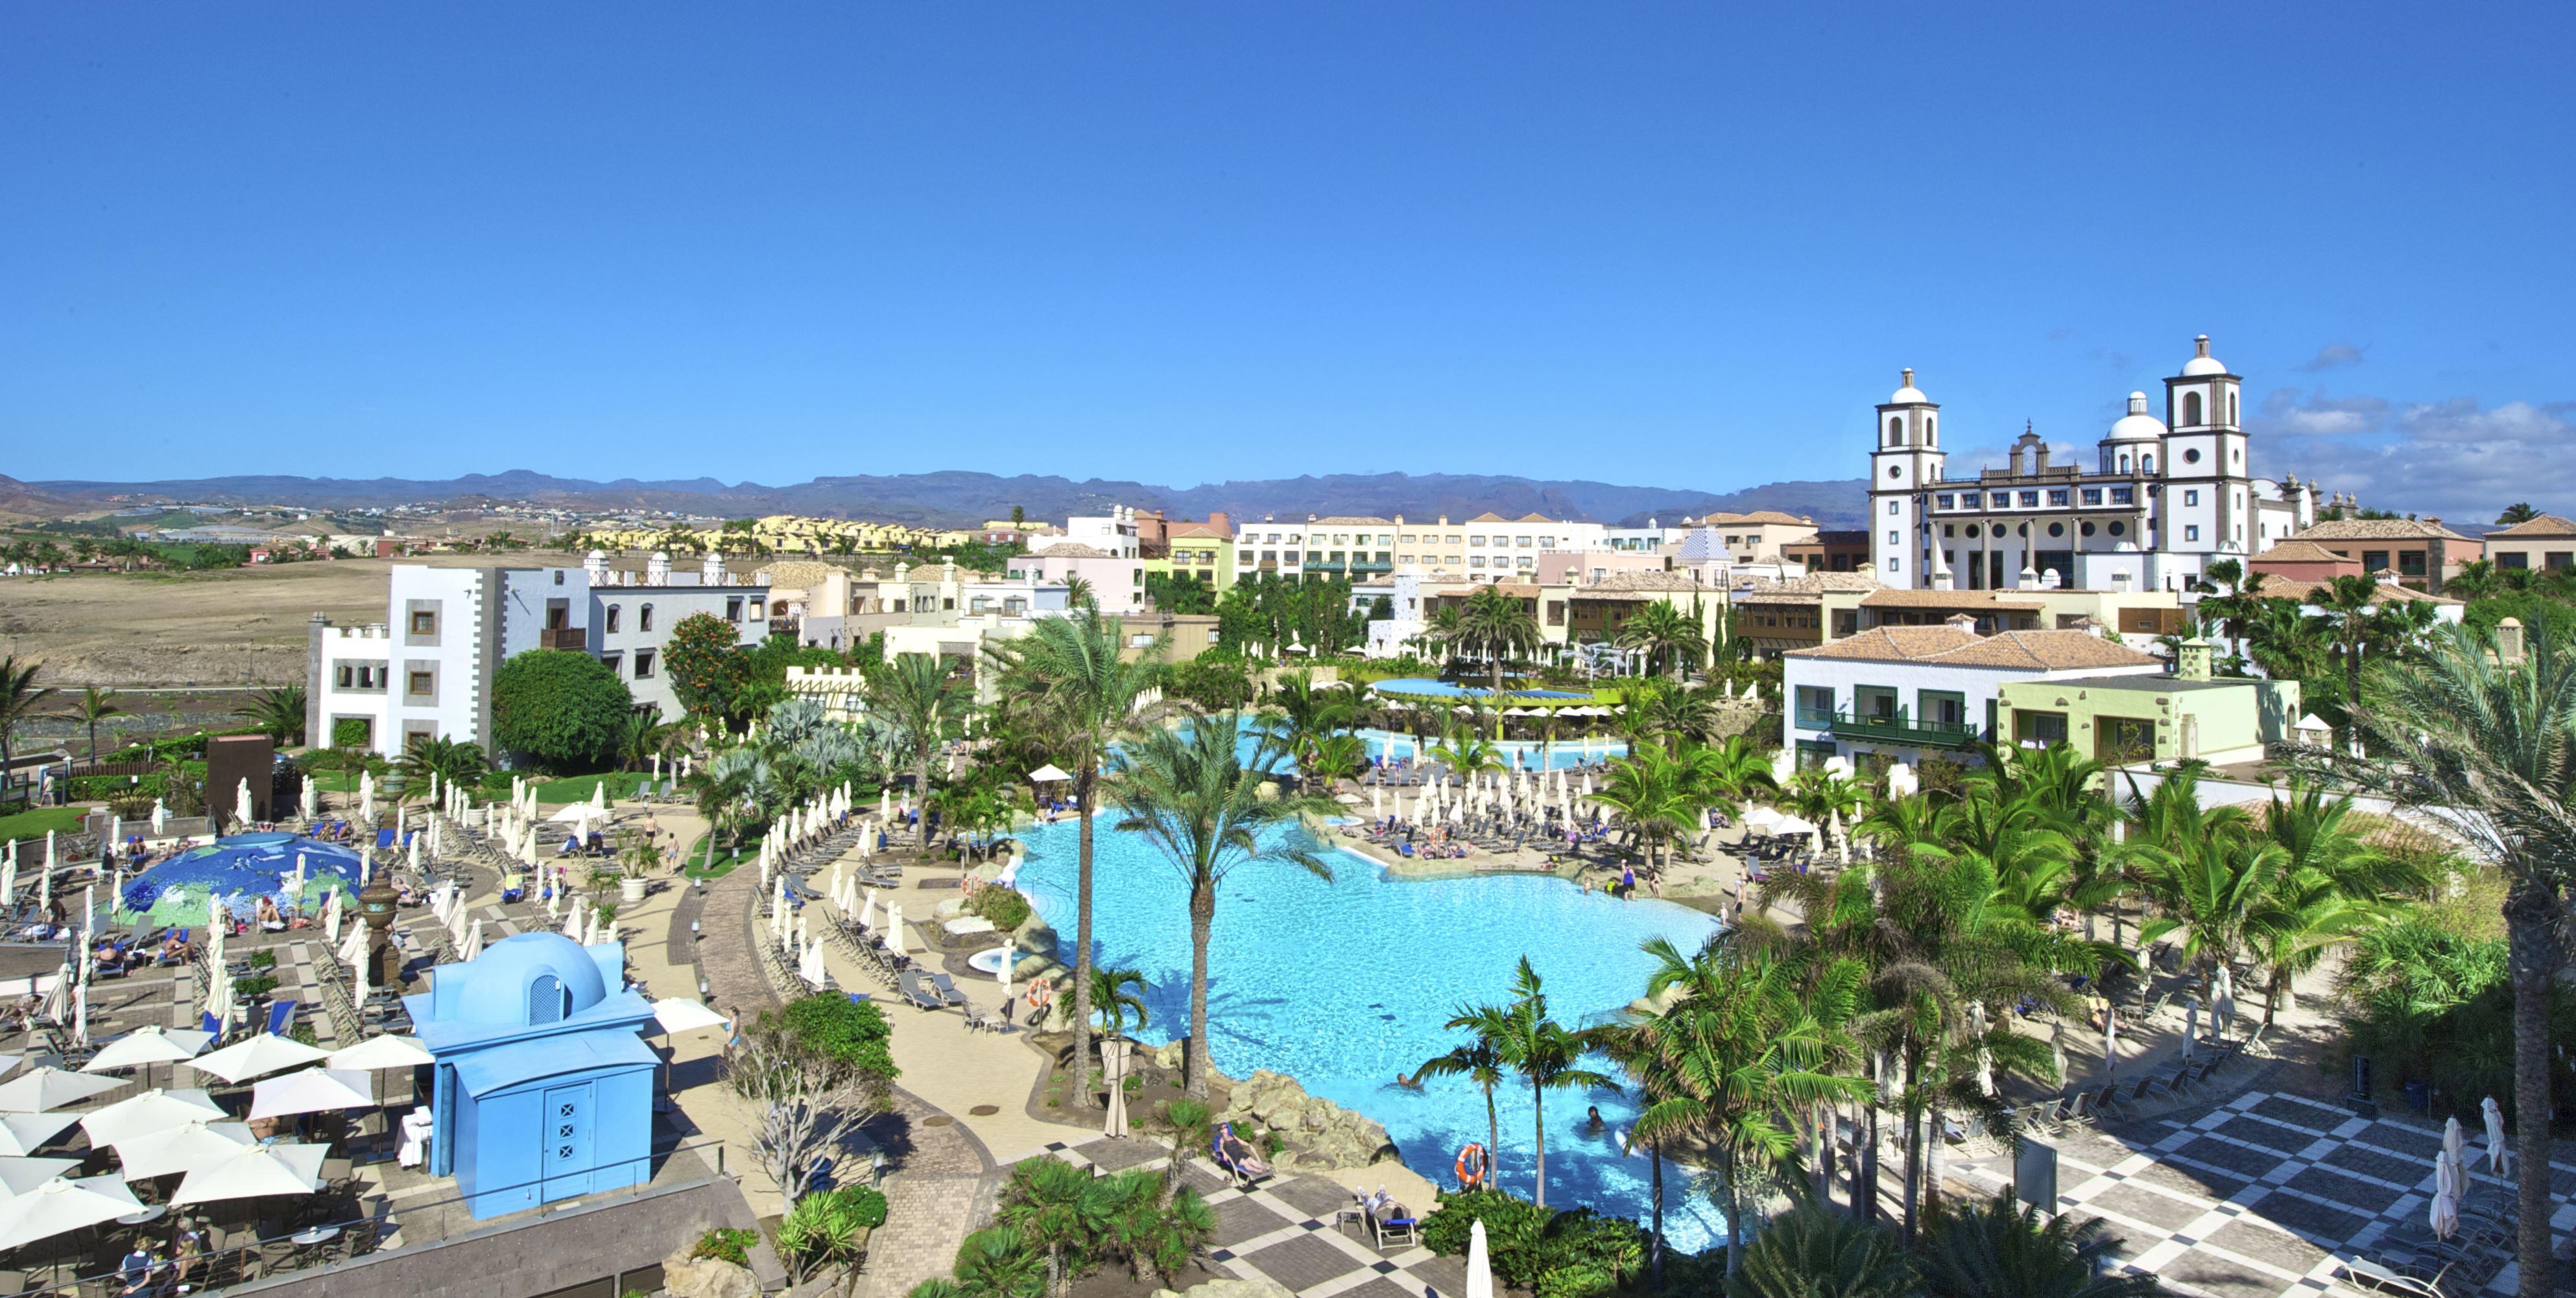 Hotell Lopesan Villa del Conde Resort & Corallium Thalasso, Meloneras Gran Canaria